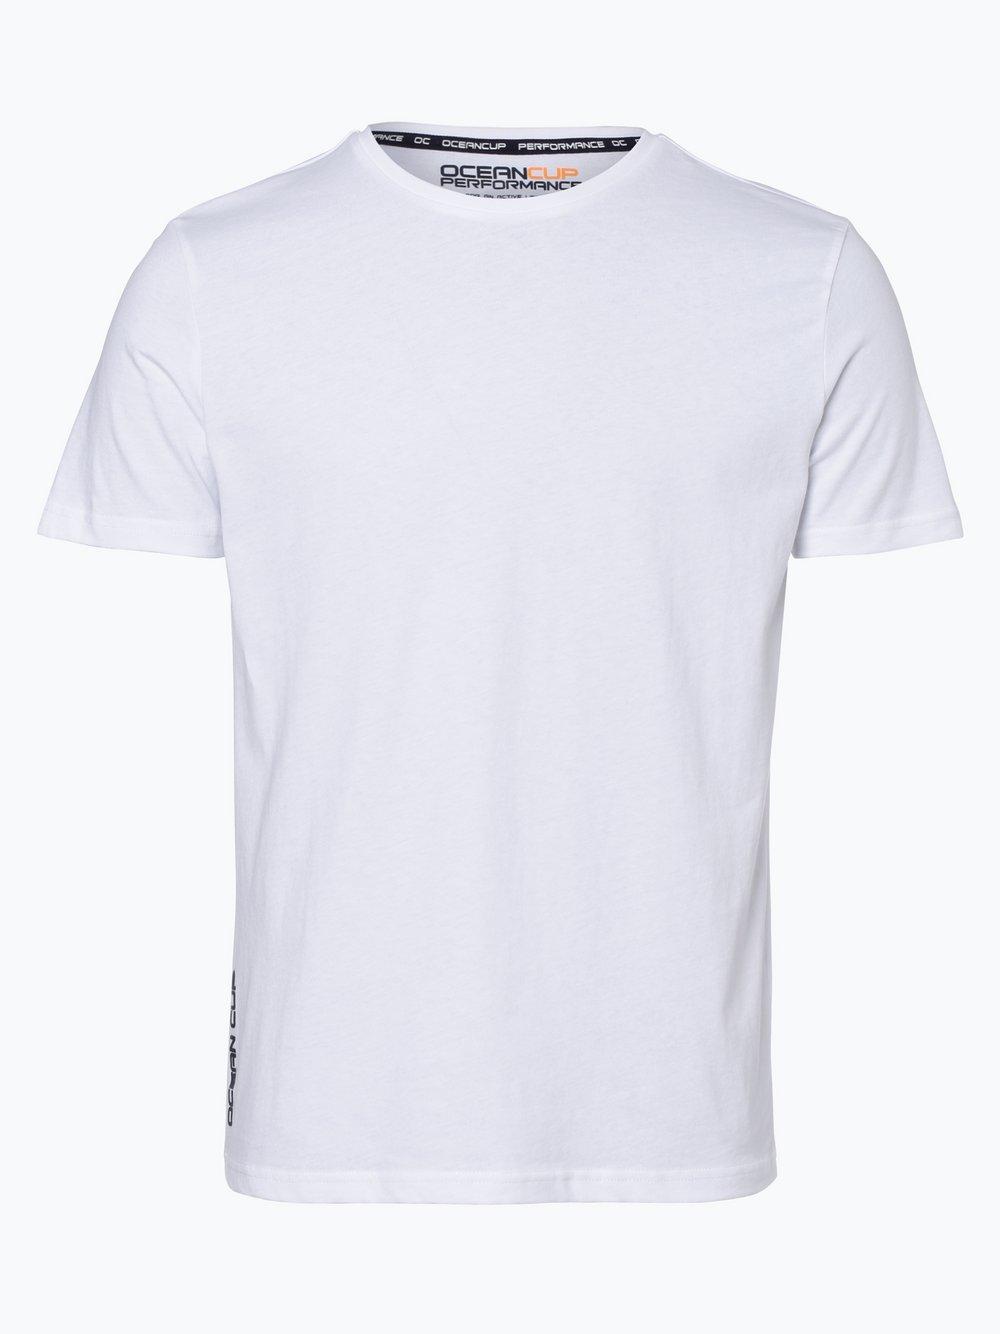 online store b0da3 d1f0b Herren T-Shirt